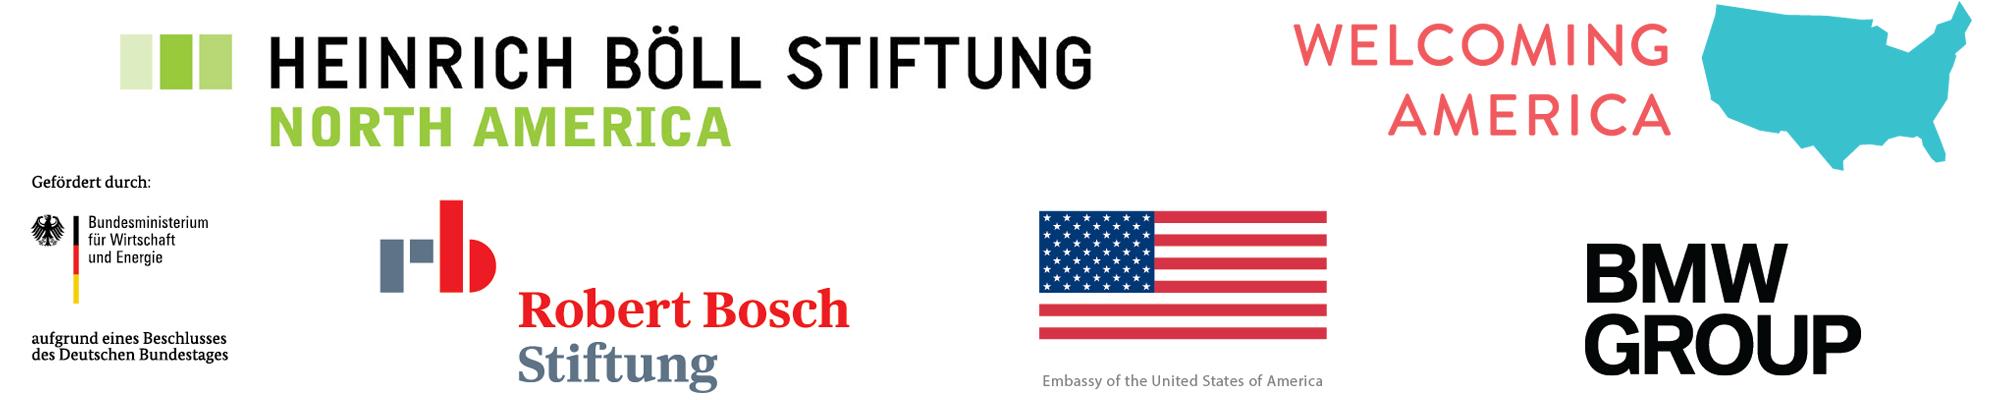 Welcoming Communities Transatlantic Exchange funder logos